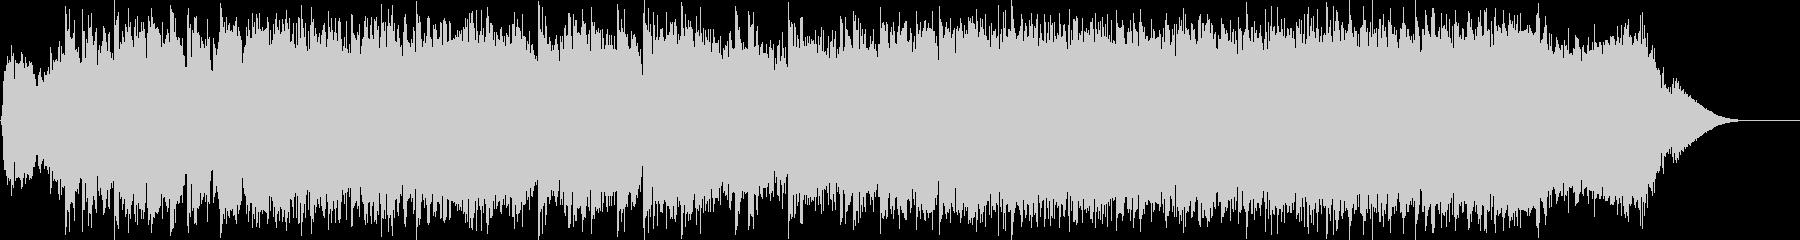 ダークファンタジーオーケストラ戦闘曲58の未再生の波形